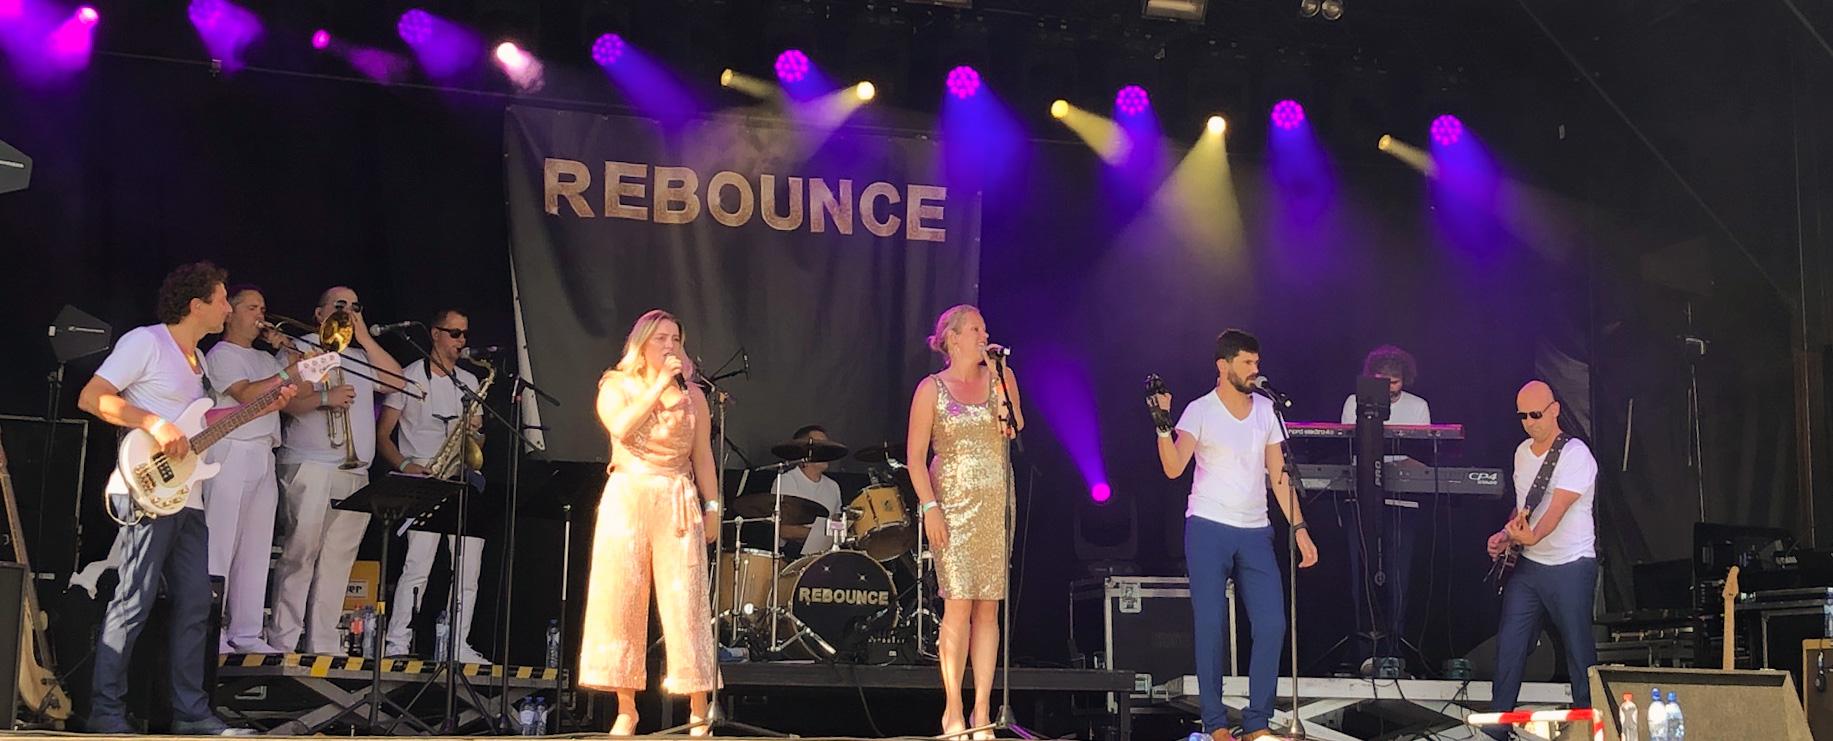 rebounce-stagejpg